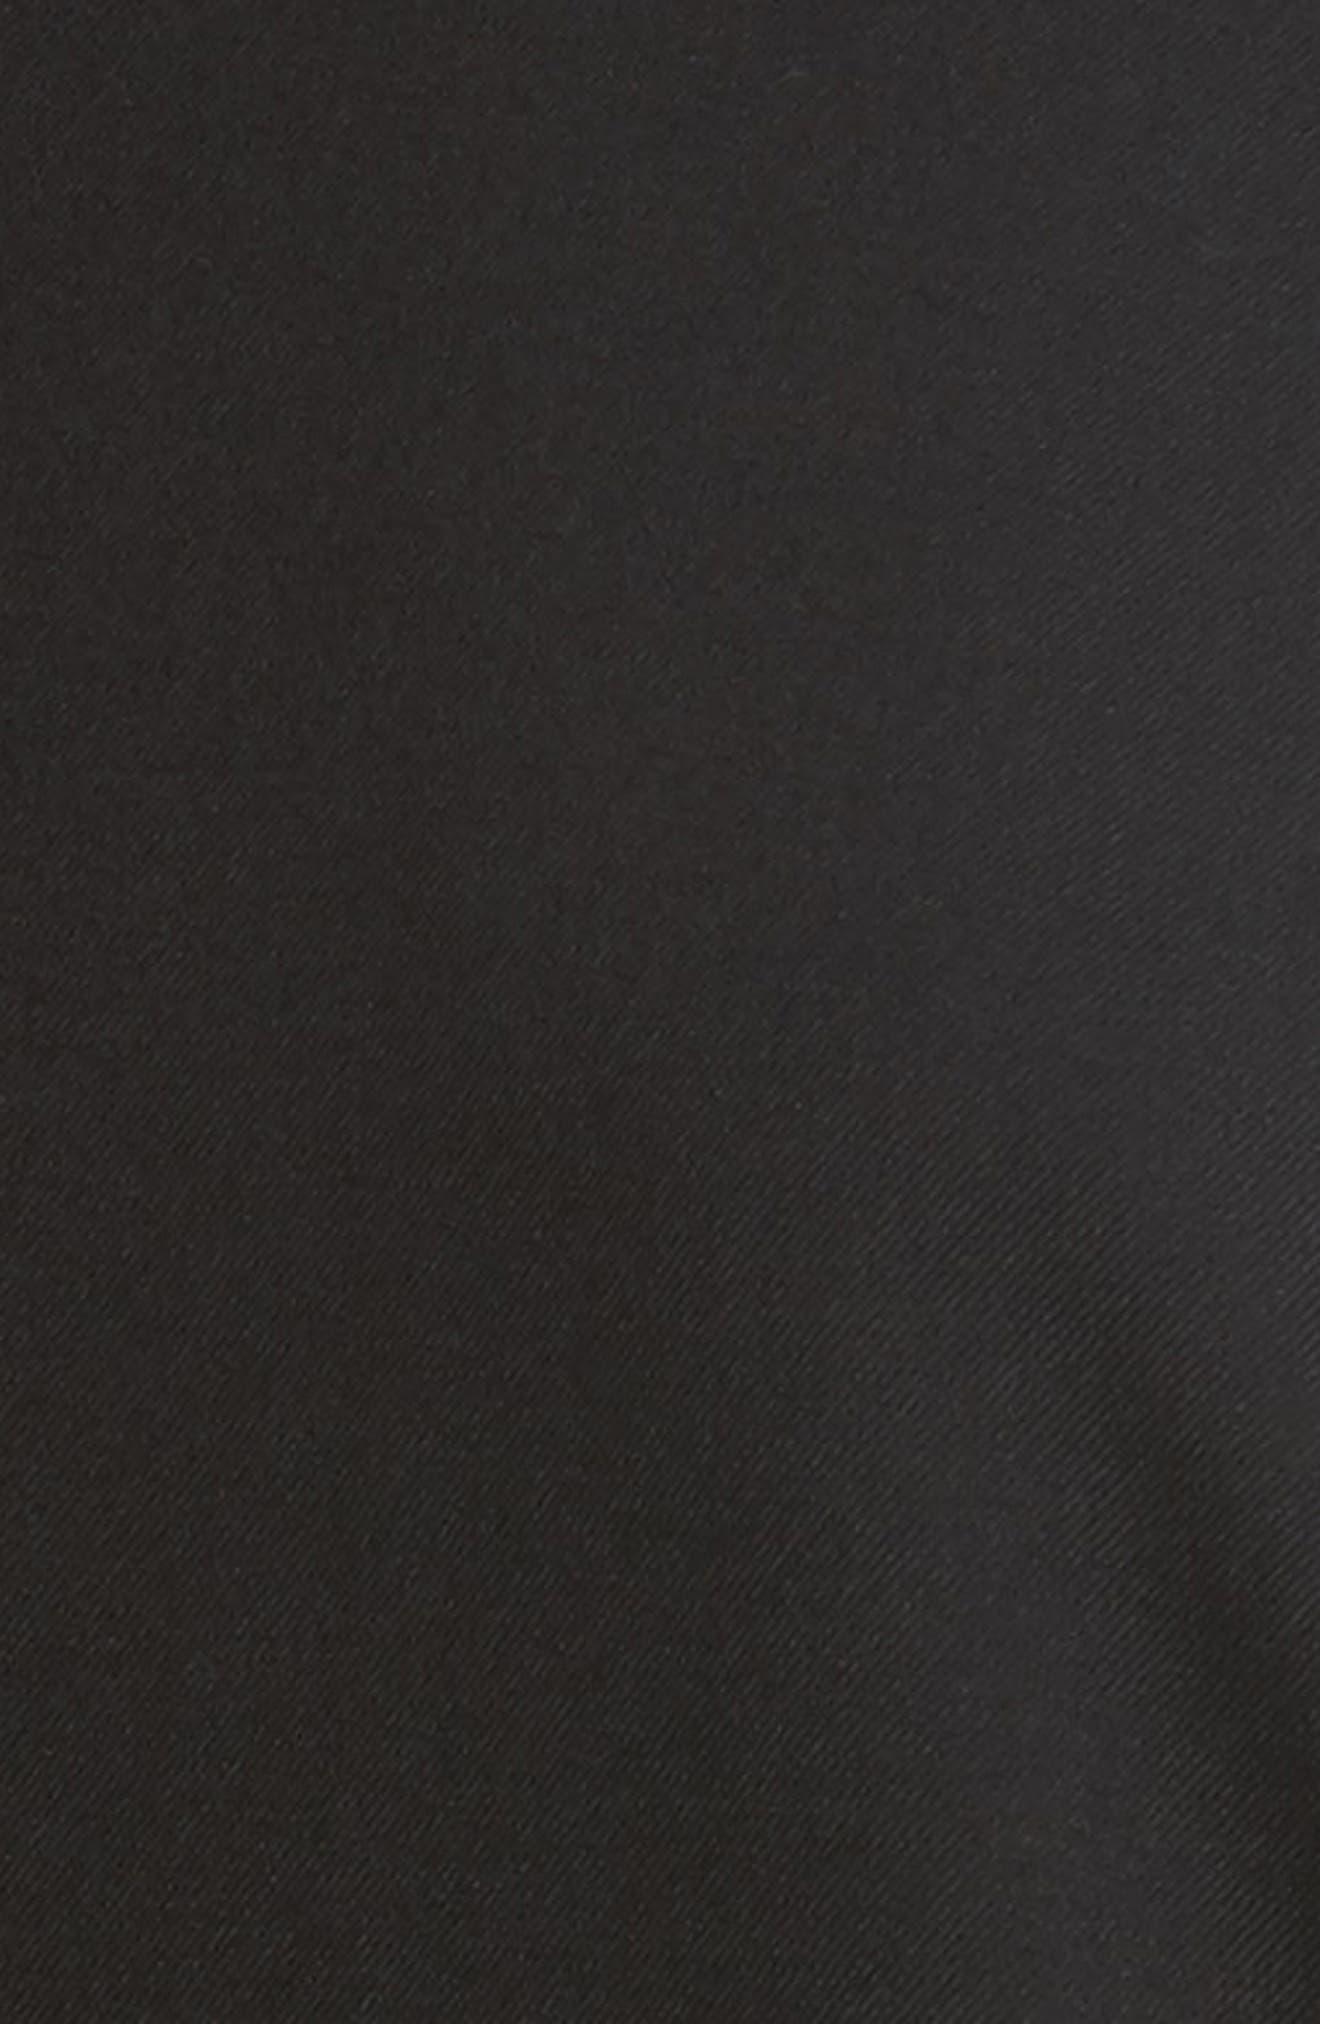 K Bottom Pleated Dress,                             Alternate thumbnail 6, color,                             001